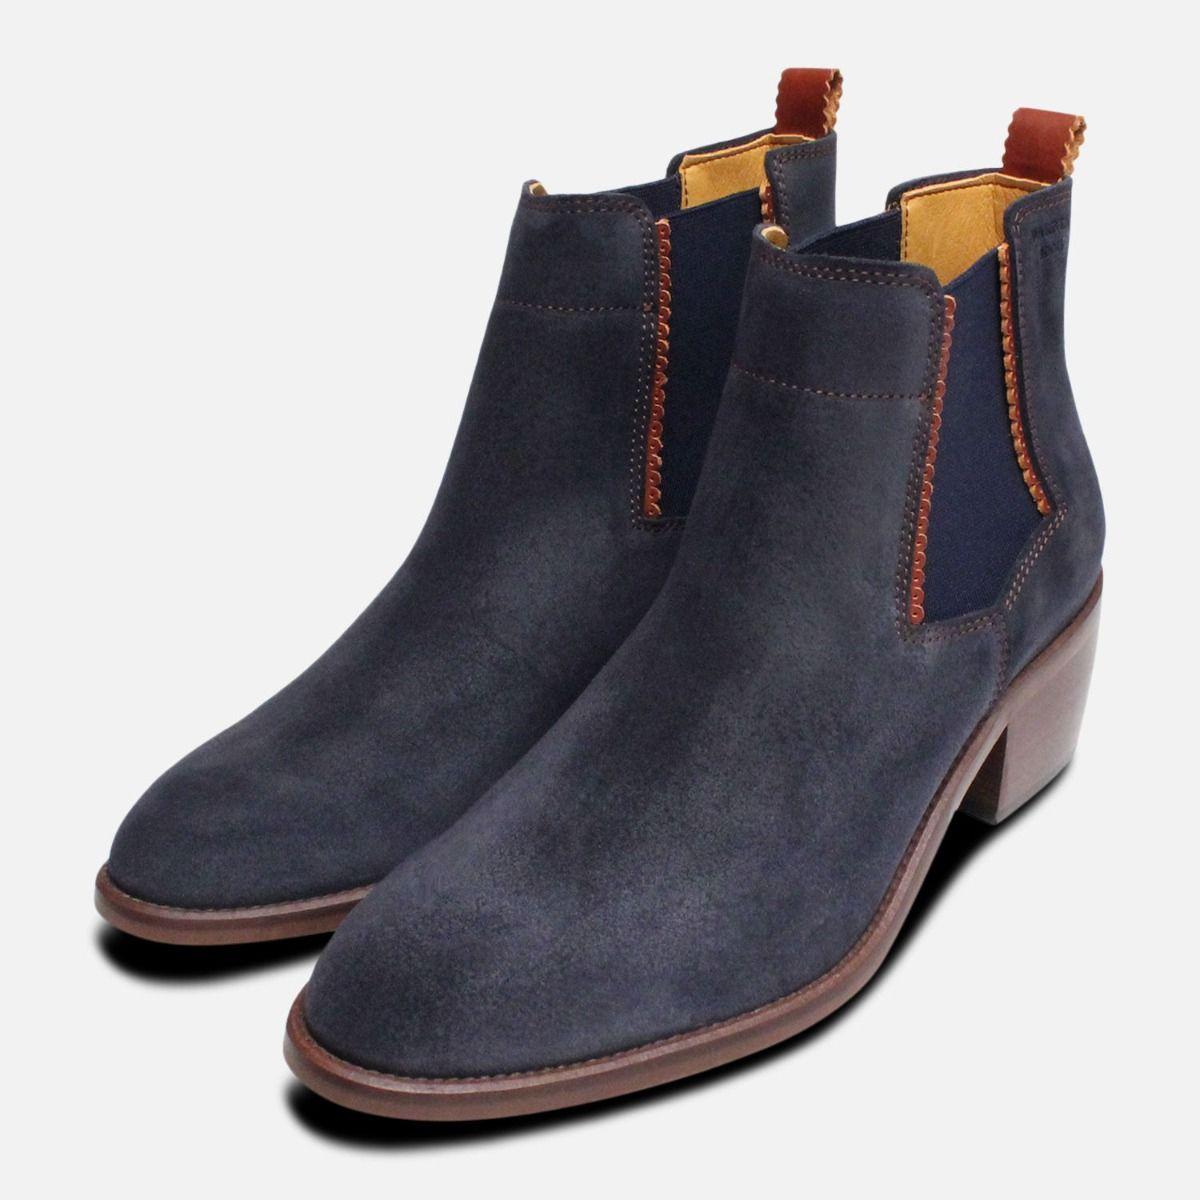 Chelsea boots womens heel